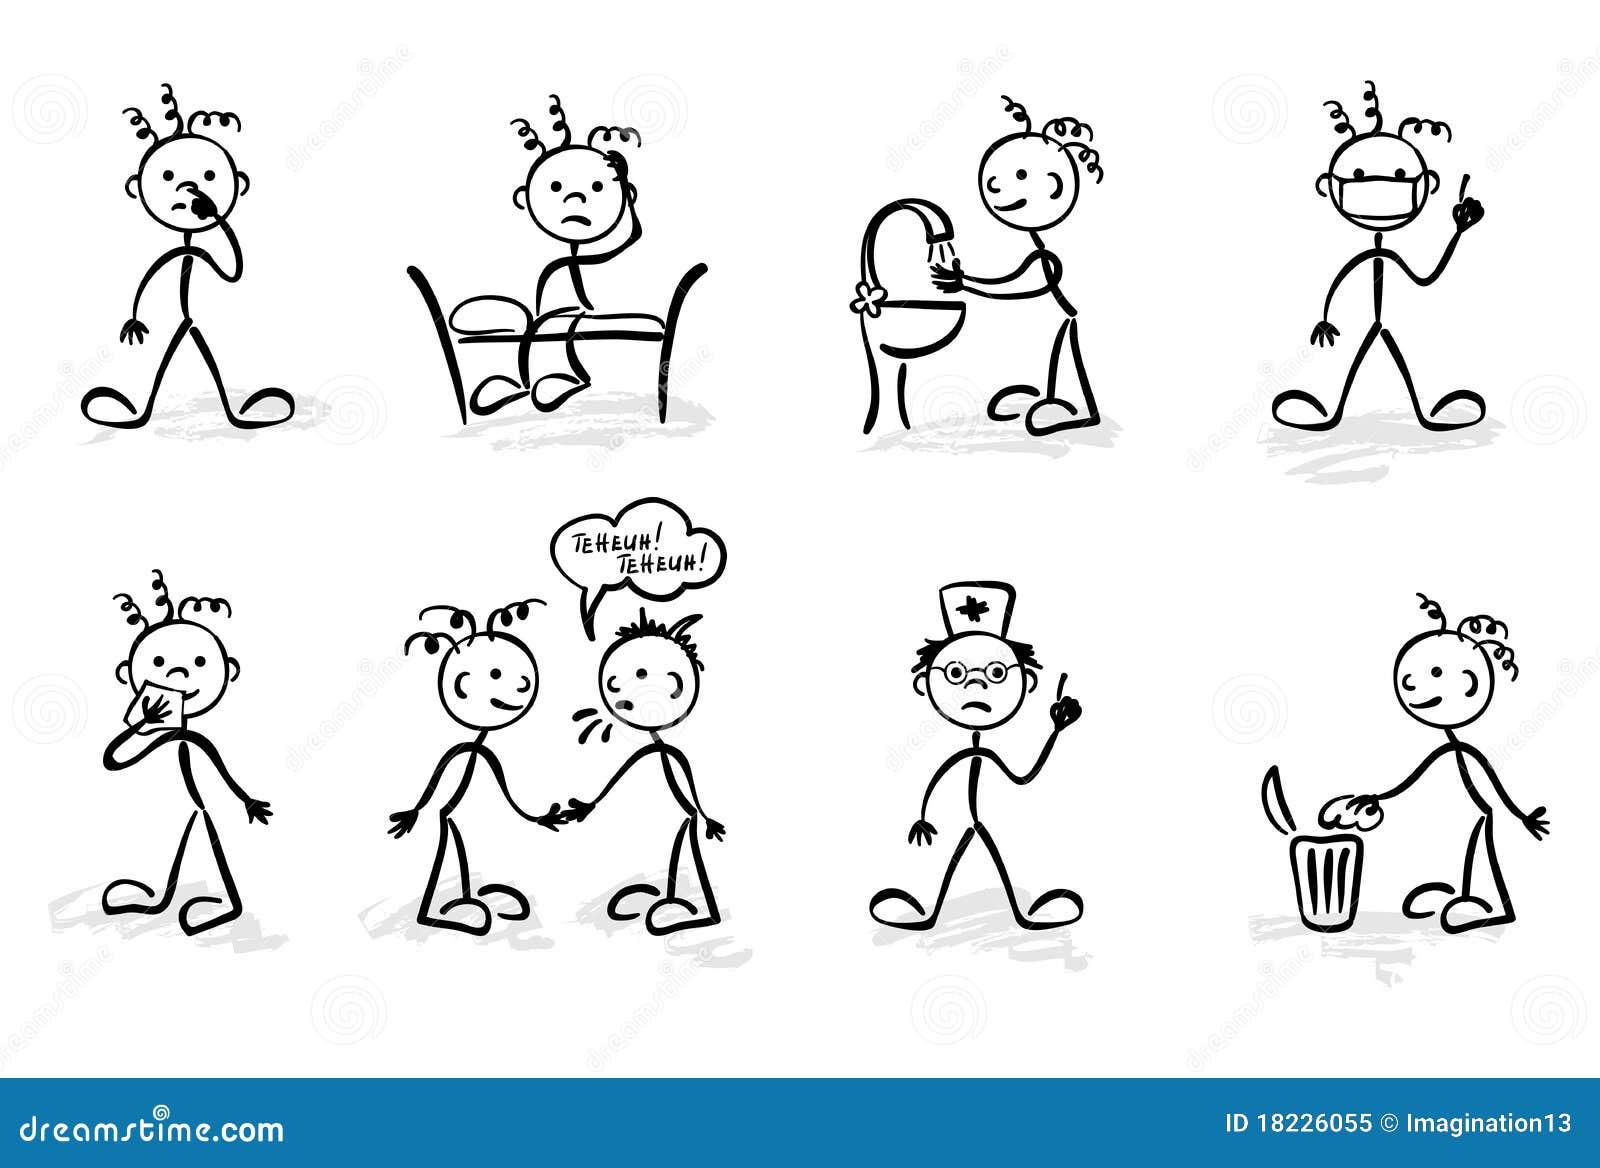 Um jogo de ilustrações gráficas criaturas pequenas engraçadas e  #84A625 1300 966